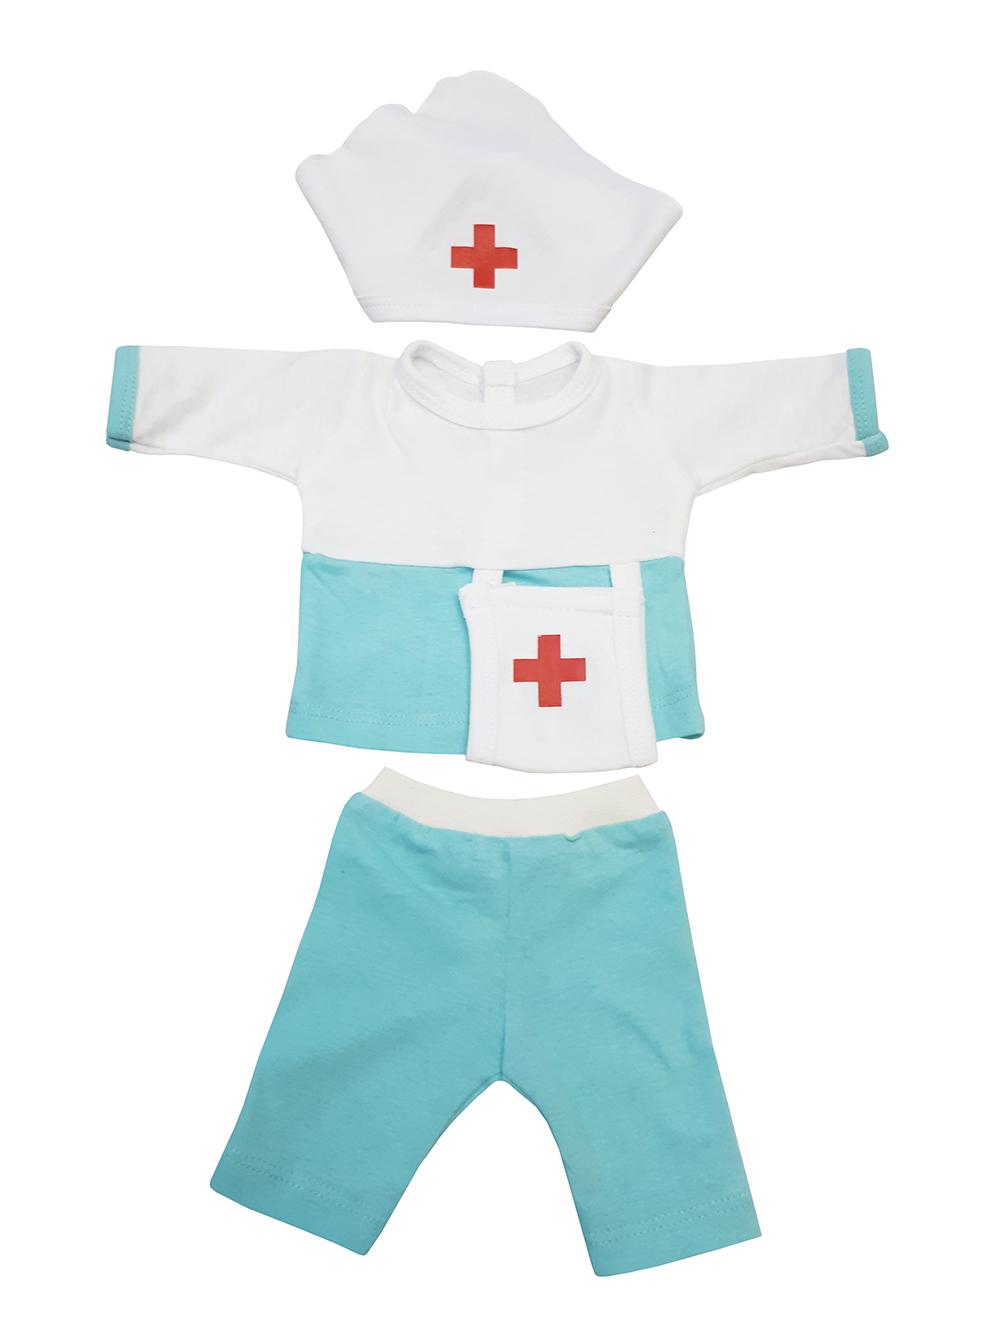 Набор одежды для кукол КоЛибри Костюм Медсестра Колибри 32 белый голубой фото